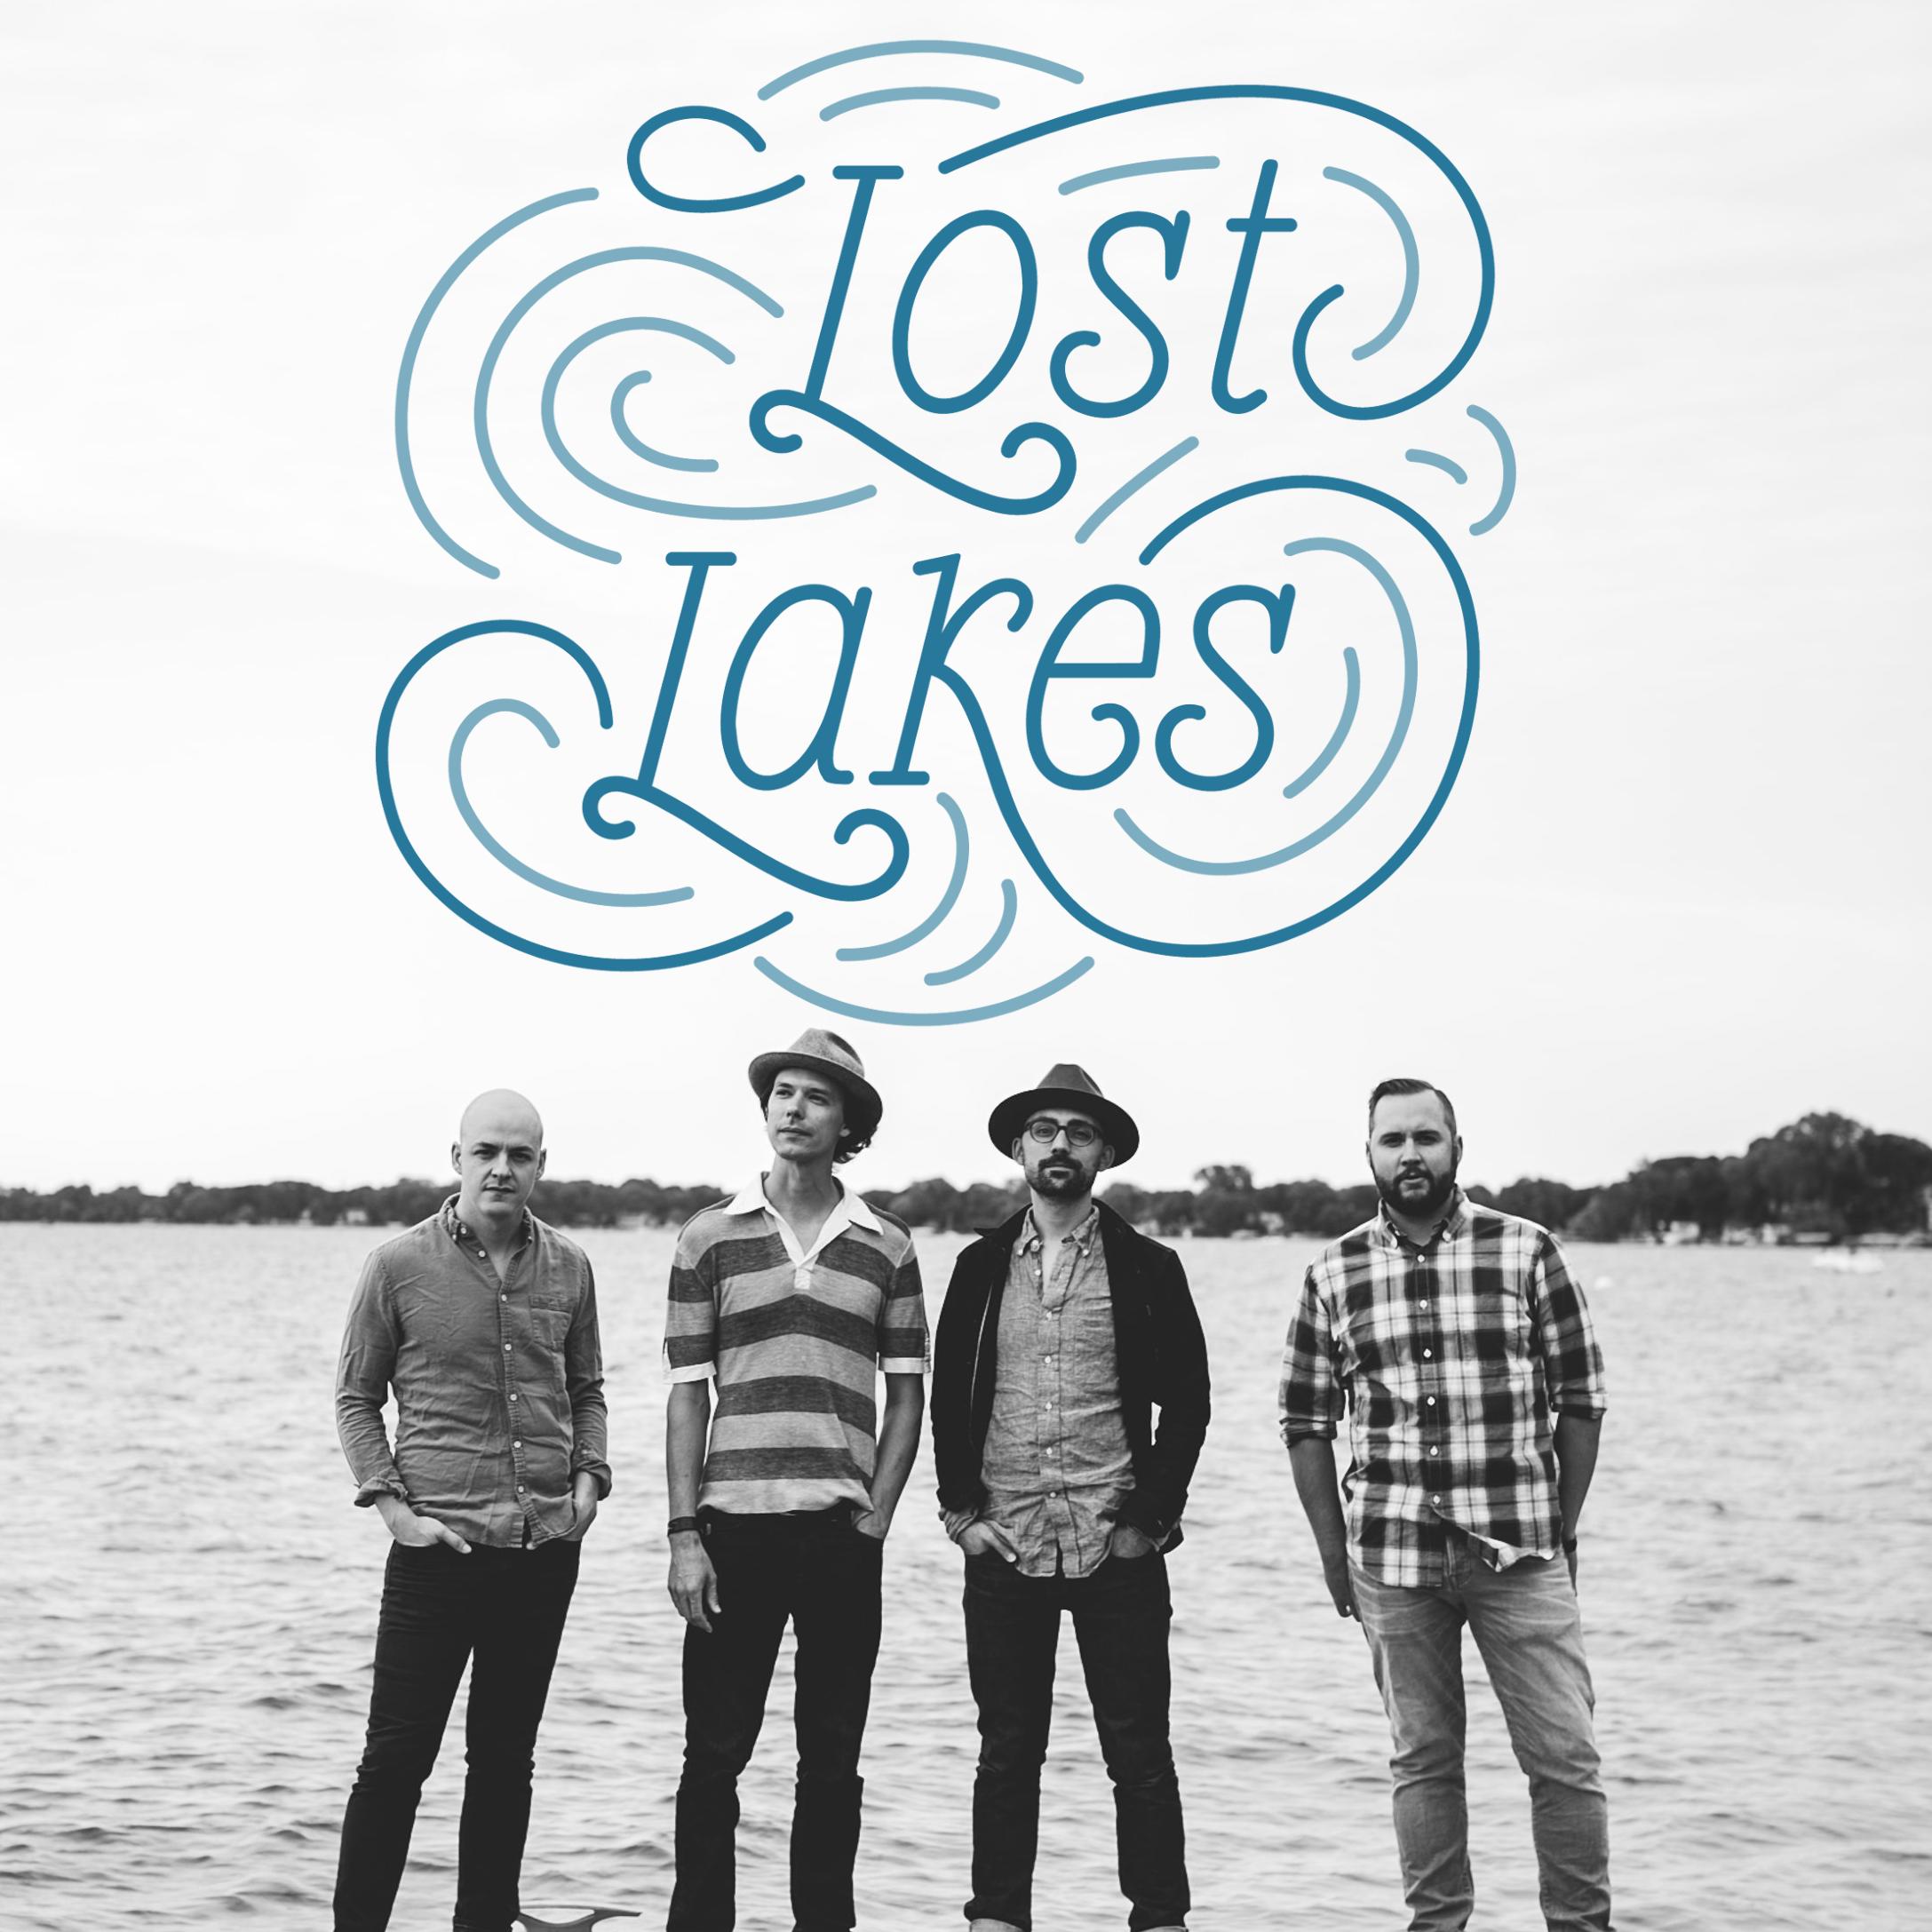 Lost_Lakes_band_lake_logo.jpg